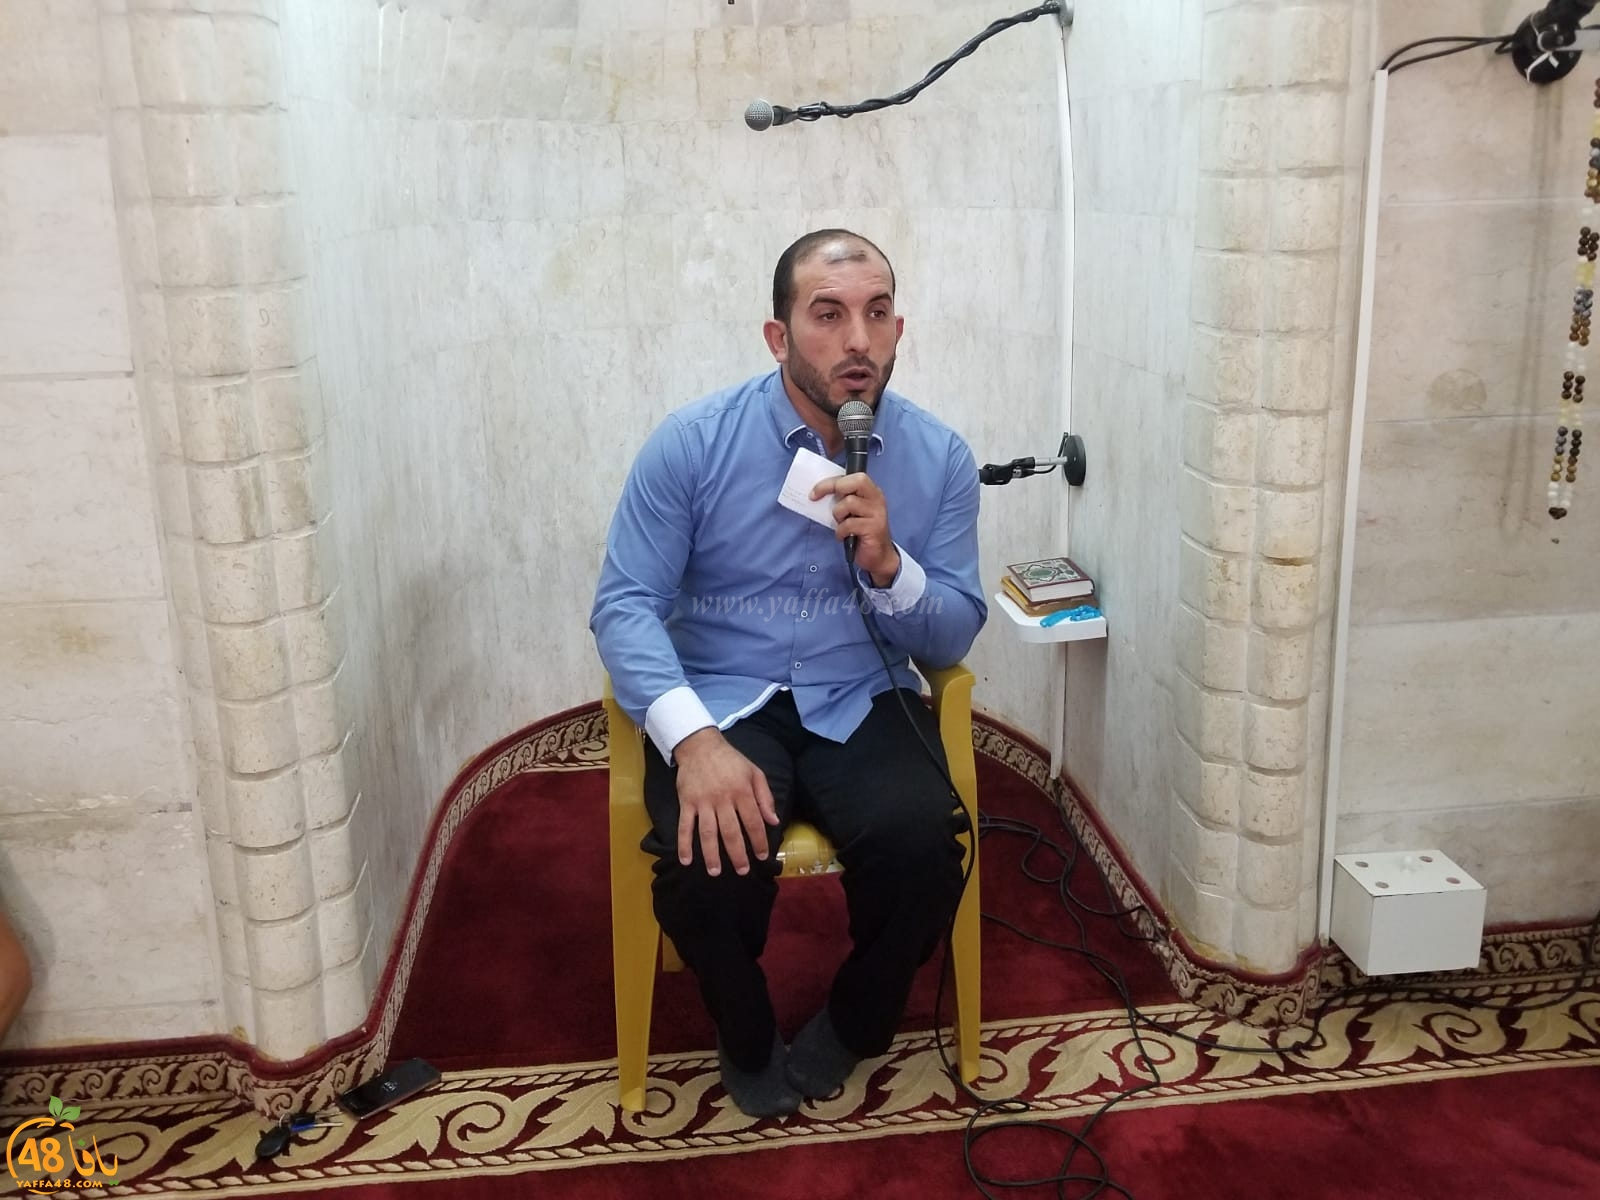 المحاضرة الأخيرة لدروس رمضان في المسجد العمري الكبير للشيخ يوسف سلامة